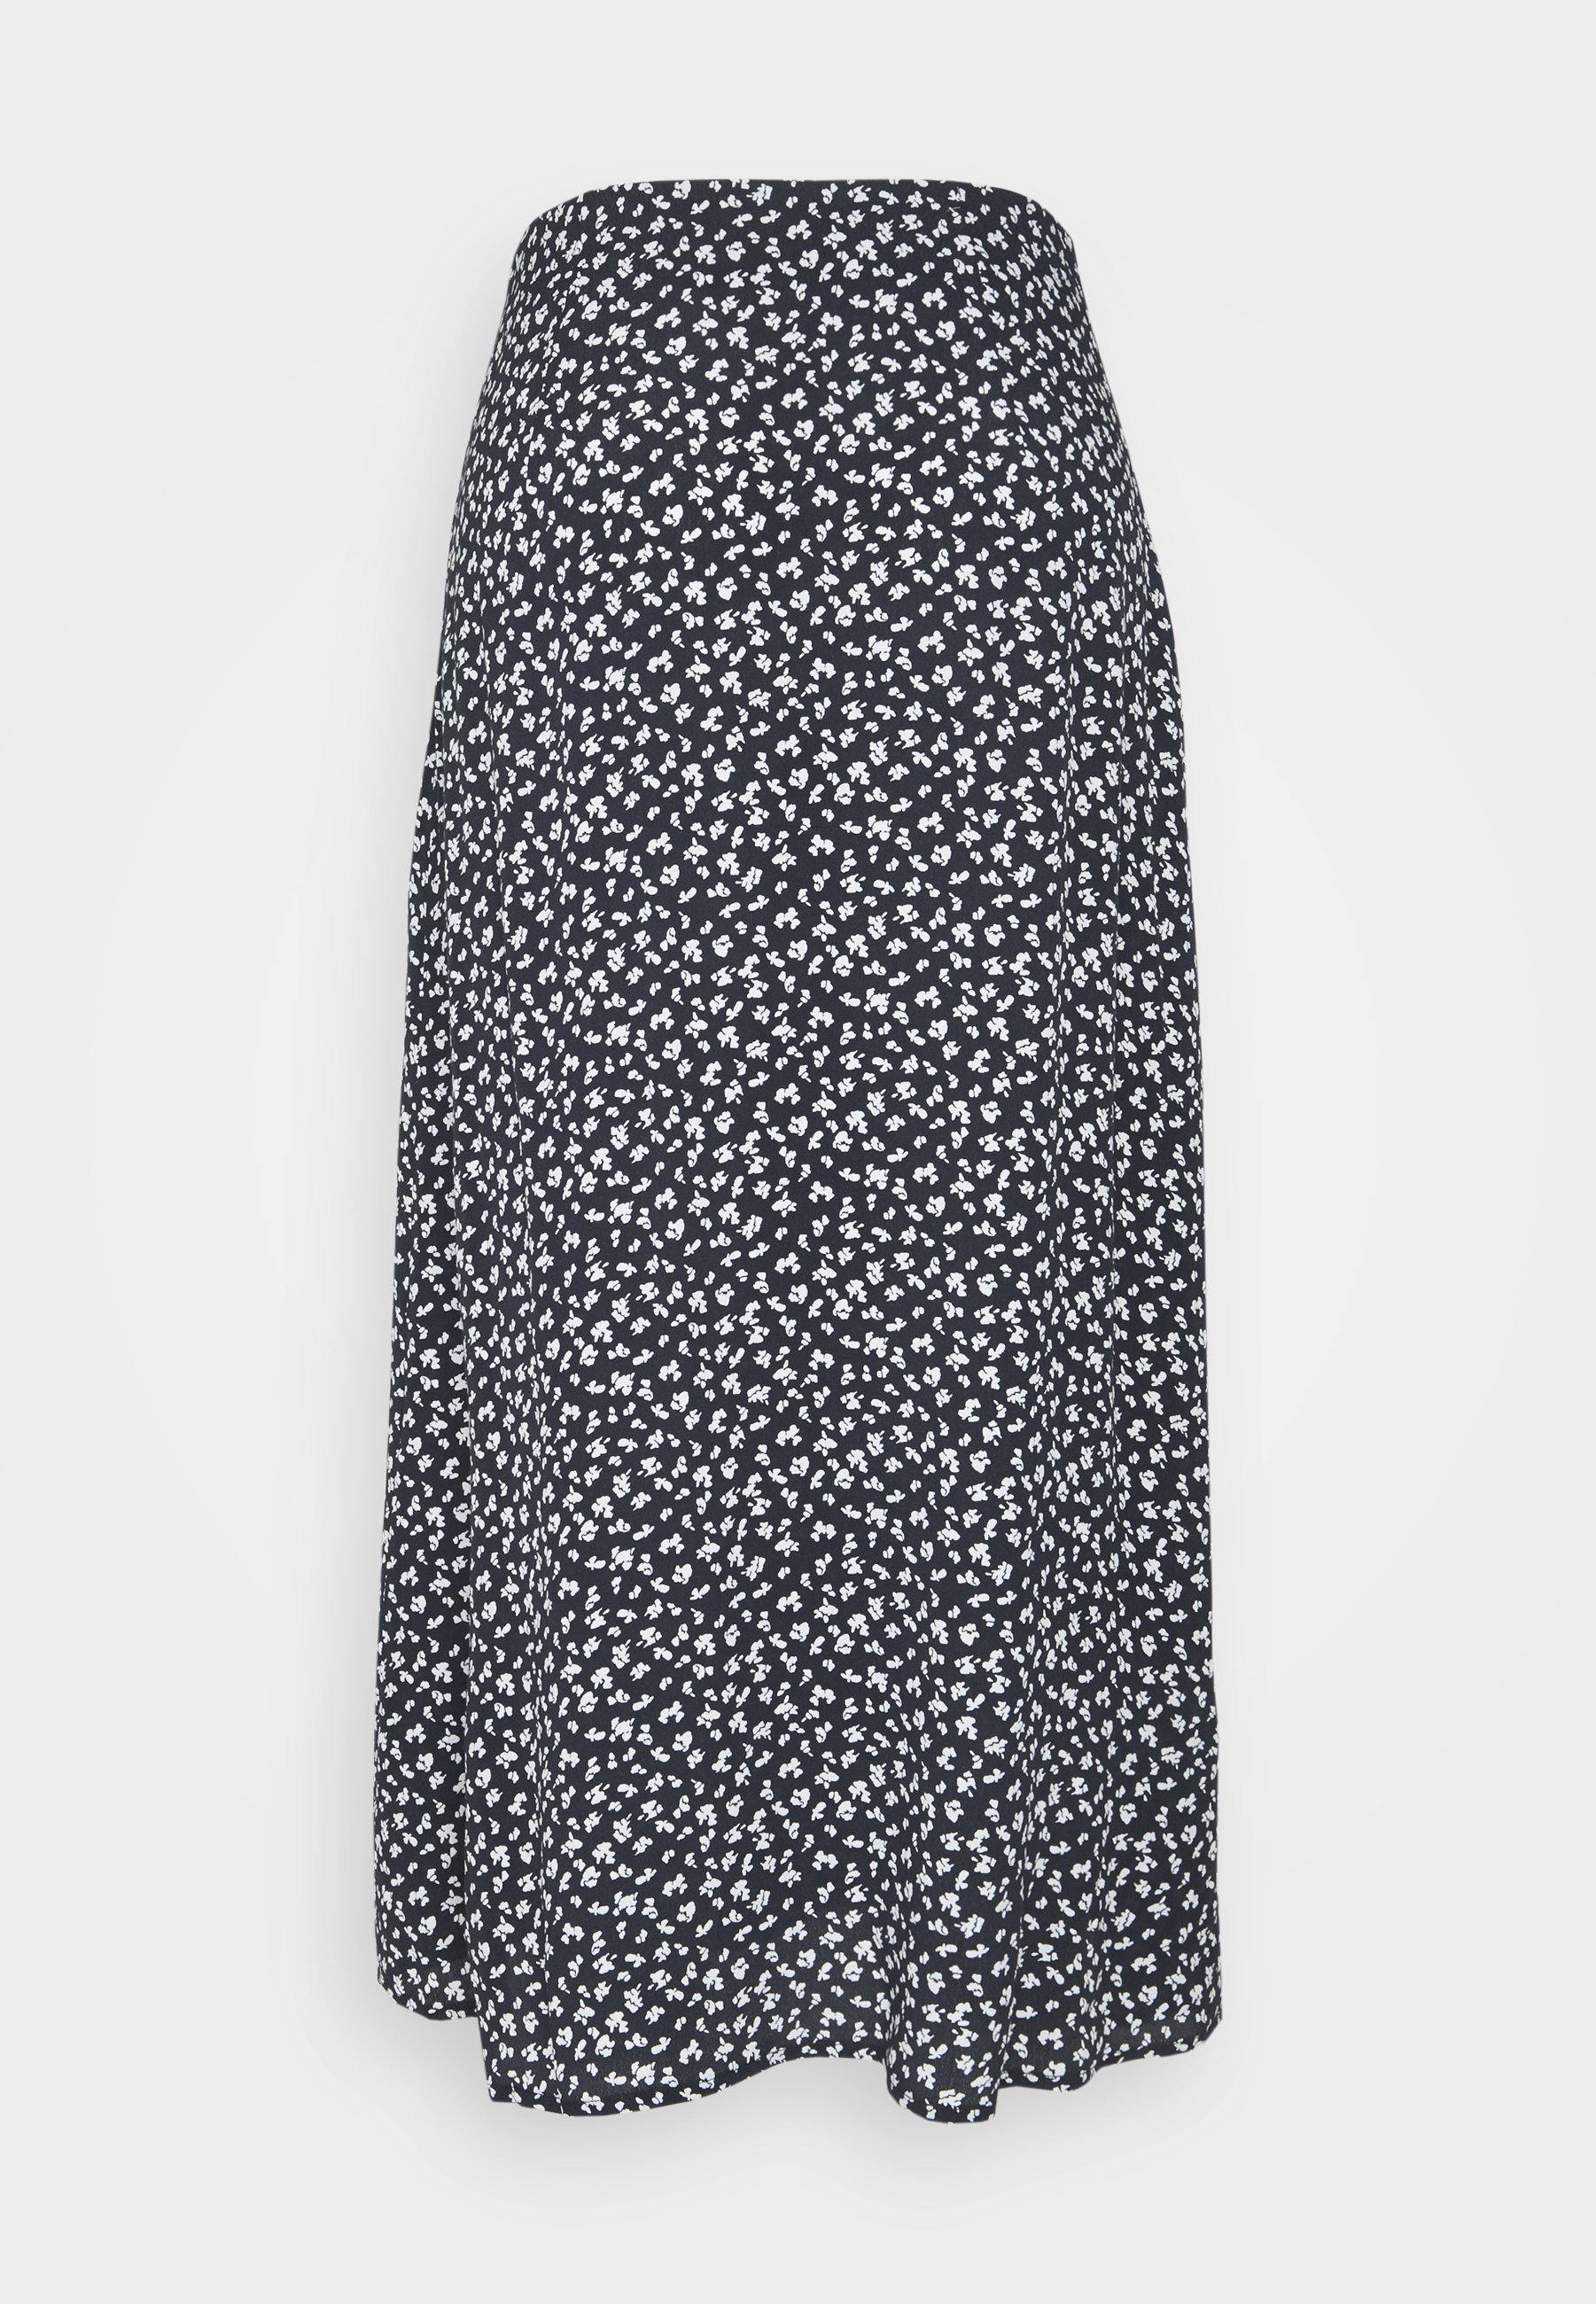 Femme NUCARLY SKIRT - Jupe longue